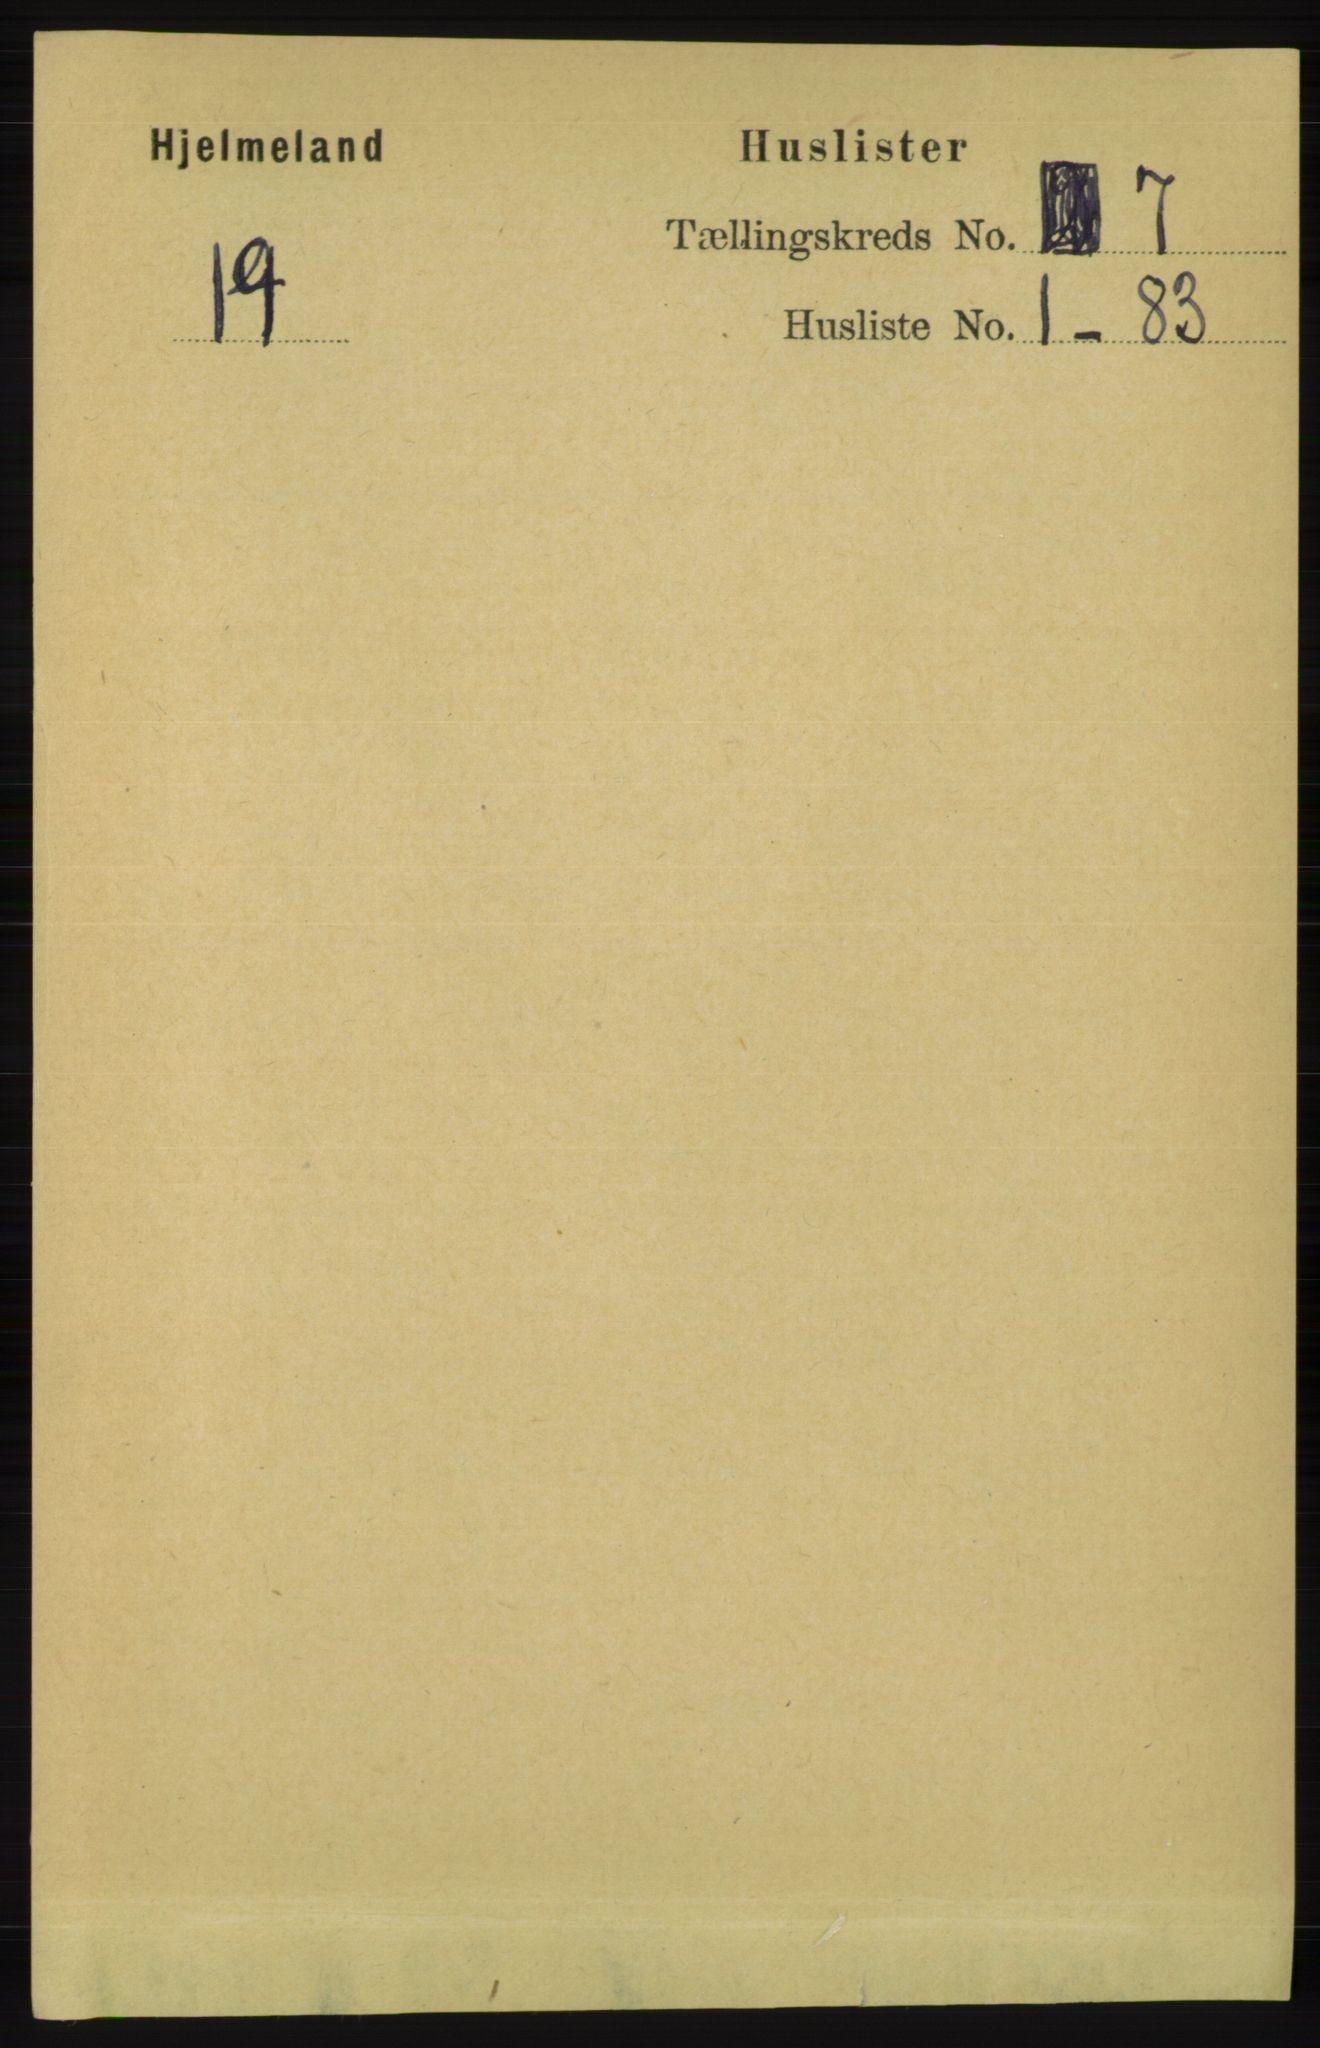 RA, Folketelling 1891 for 1133 Hjelmeland herred, 1891, s. 1864